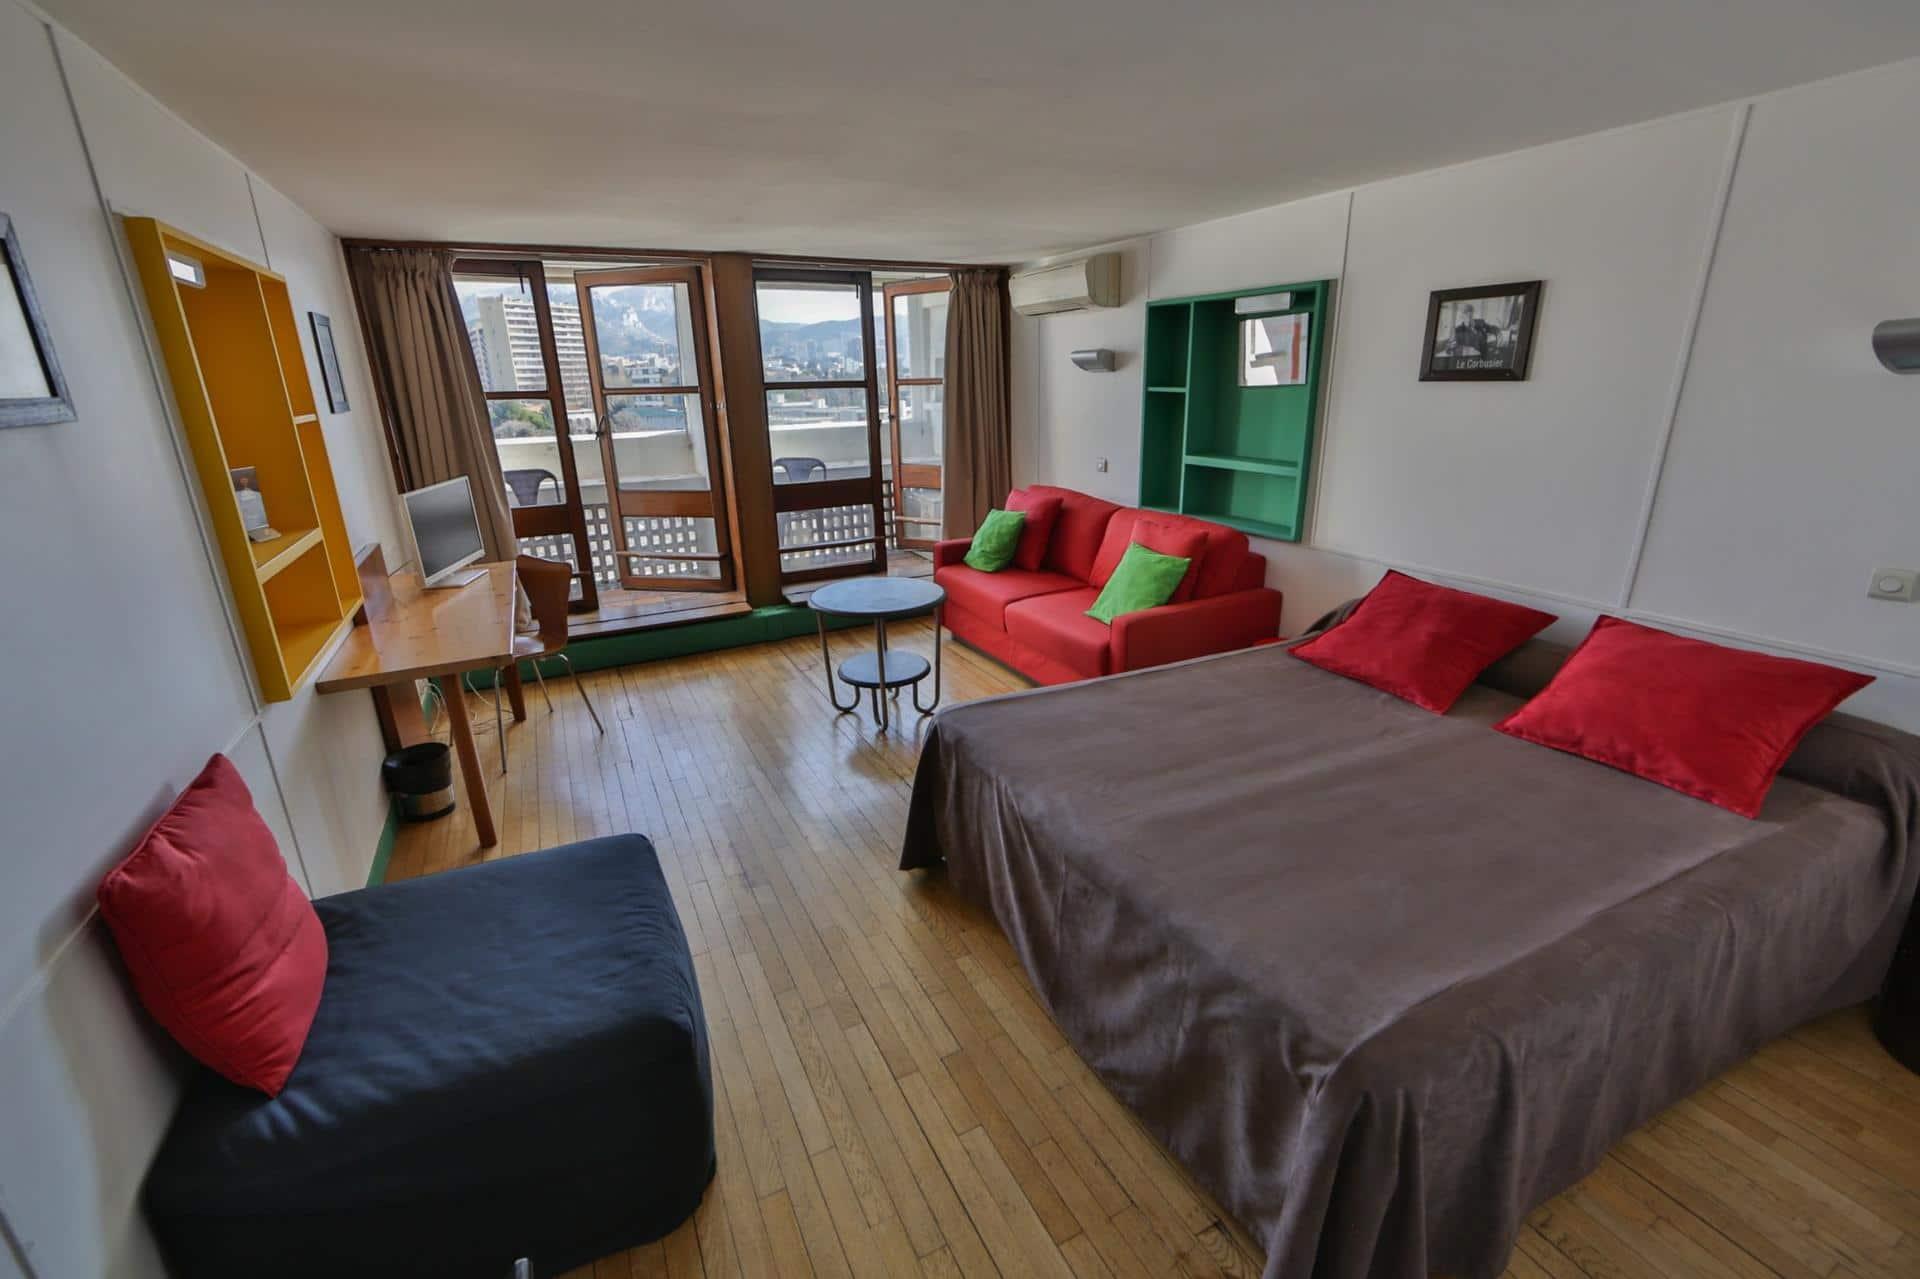 Meilleur prix best price hotel marseille le corbusier - Chambre des notaires marseille ...